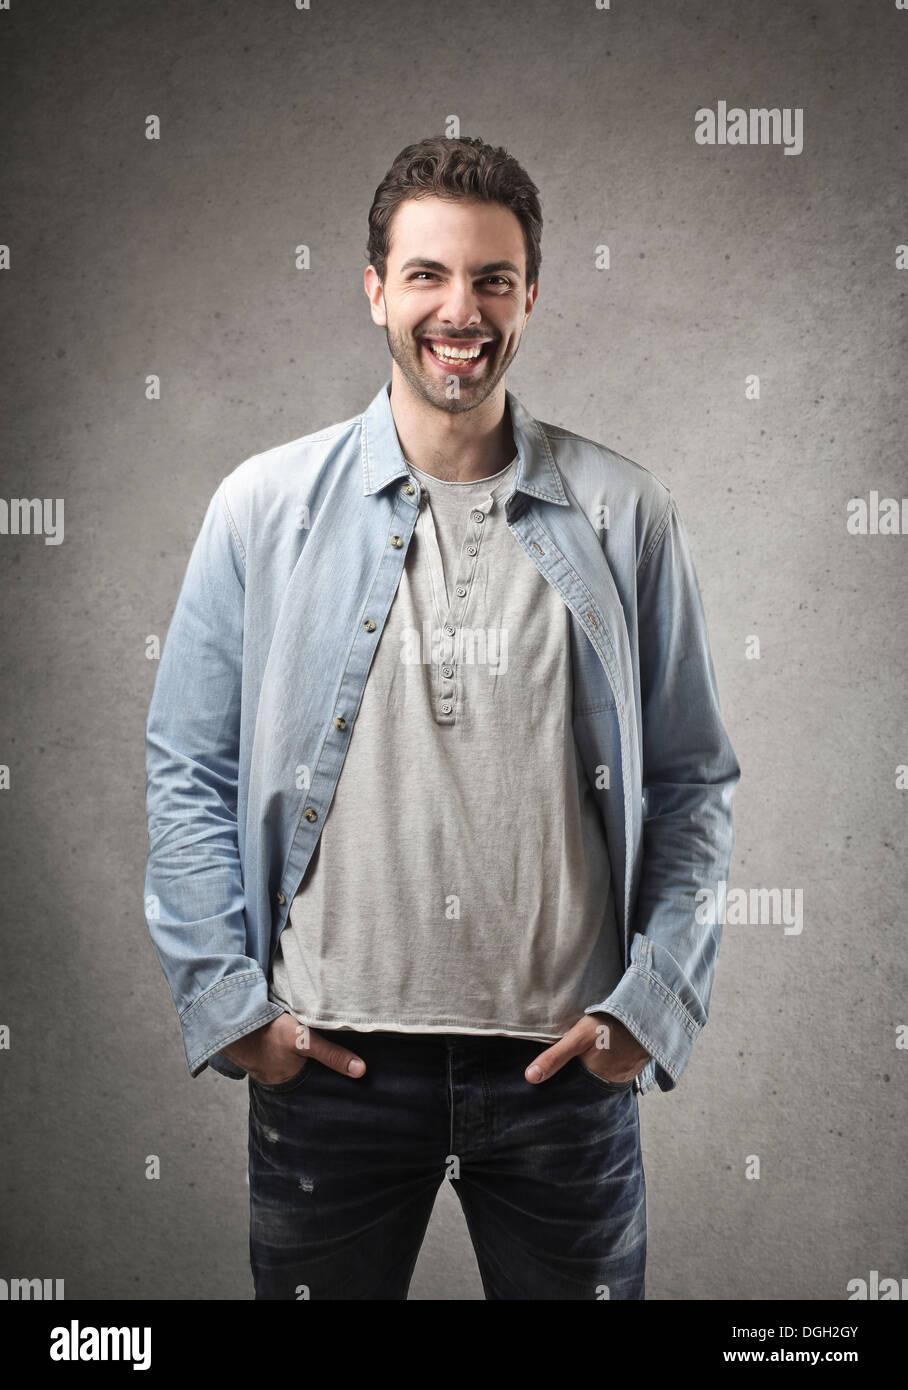 Porträt von ein lächelnder Mann Stockbild